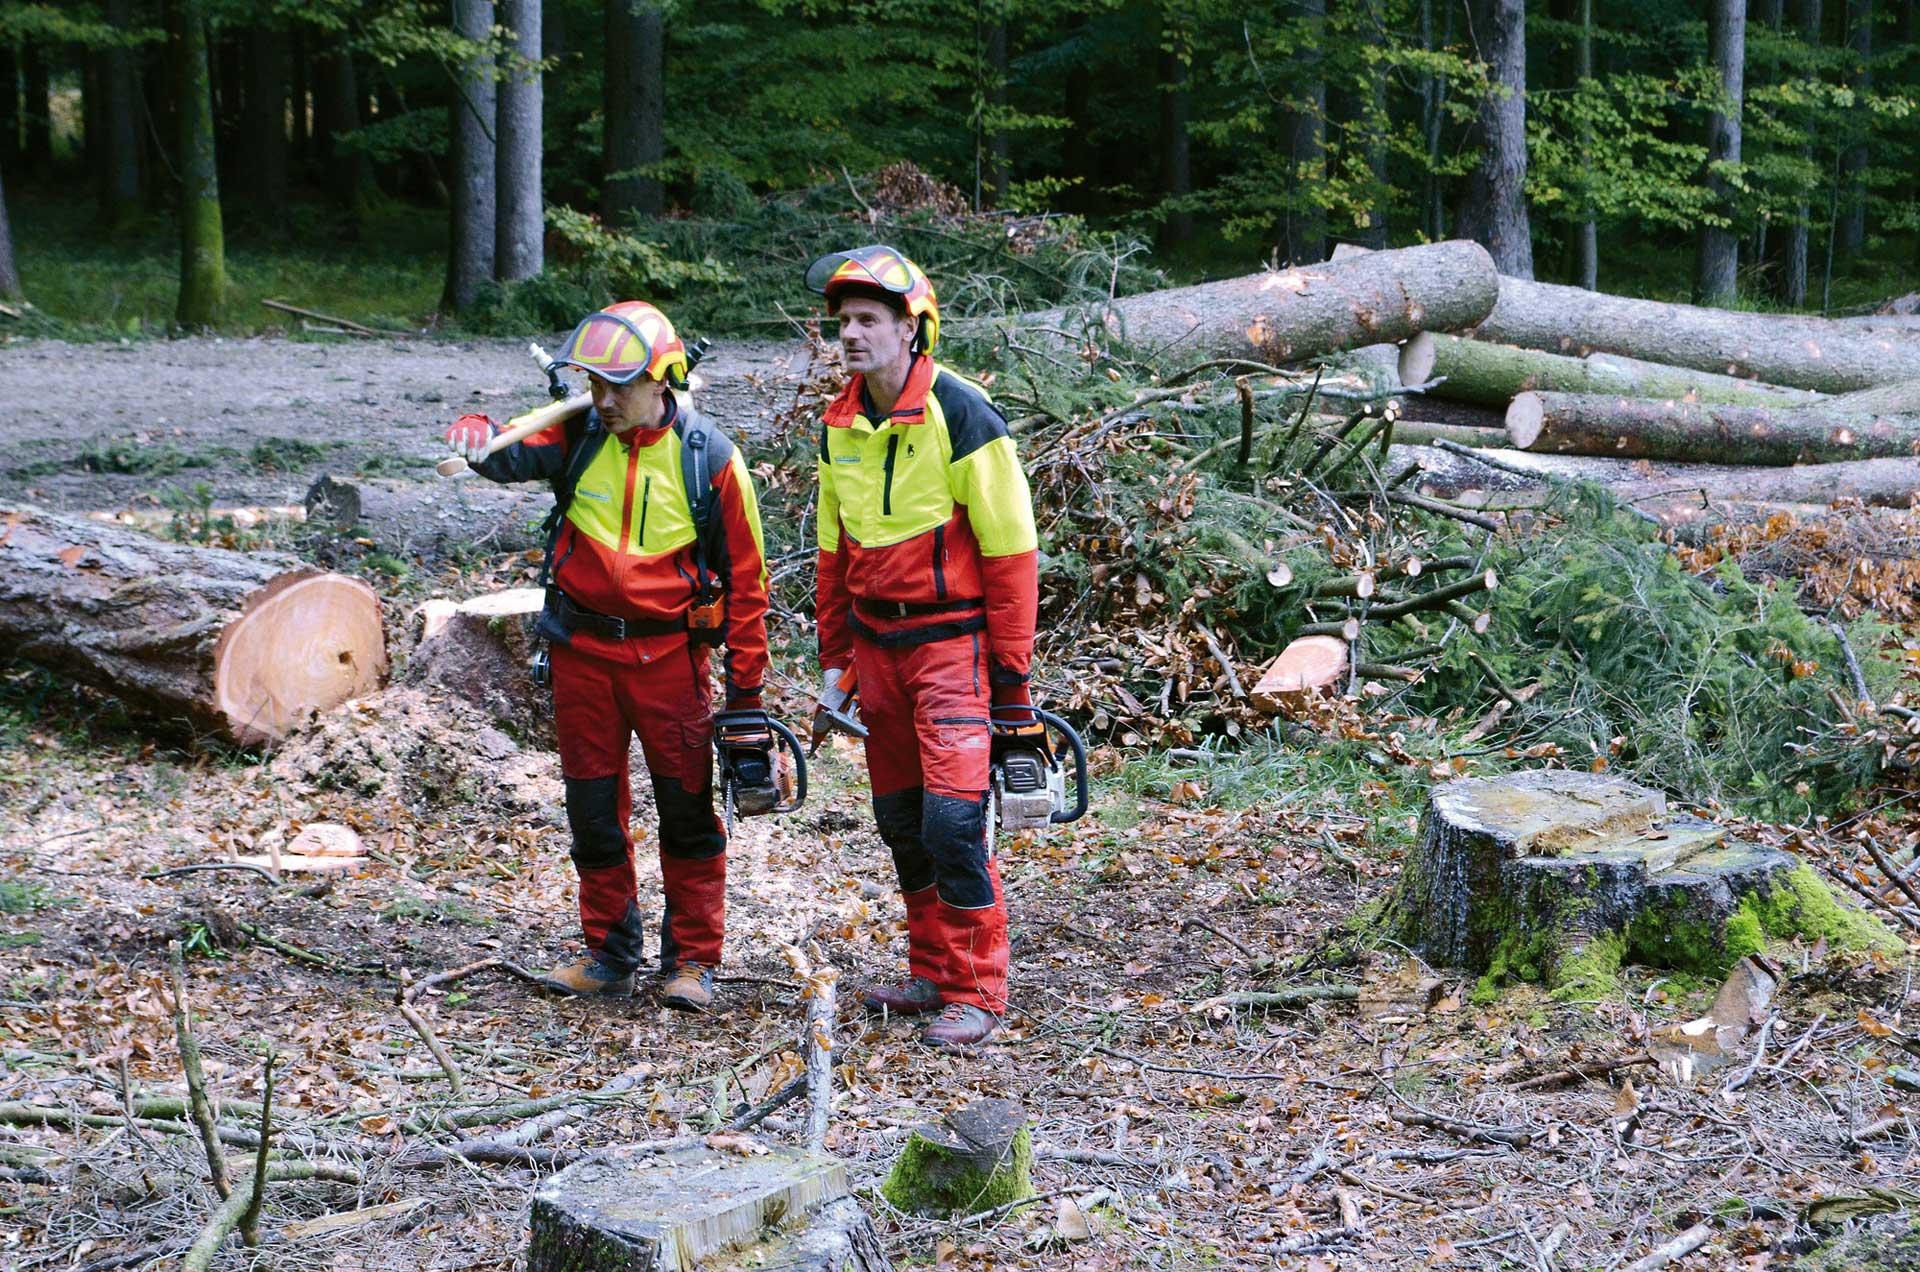 Mit dieser Ausrüstung arbeiten Sie sicher im Wald